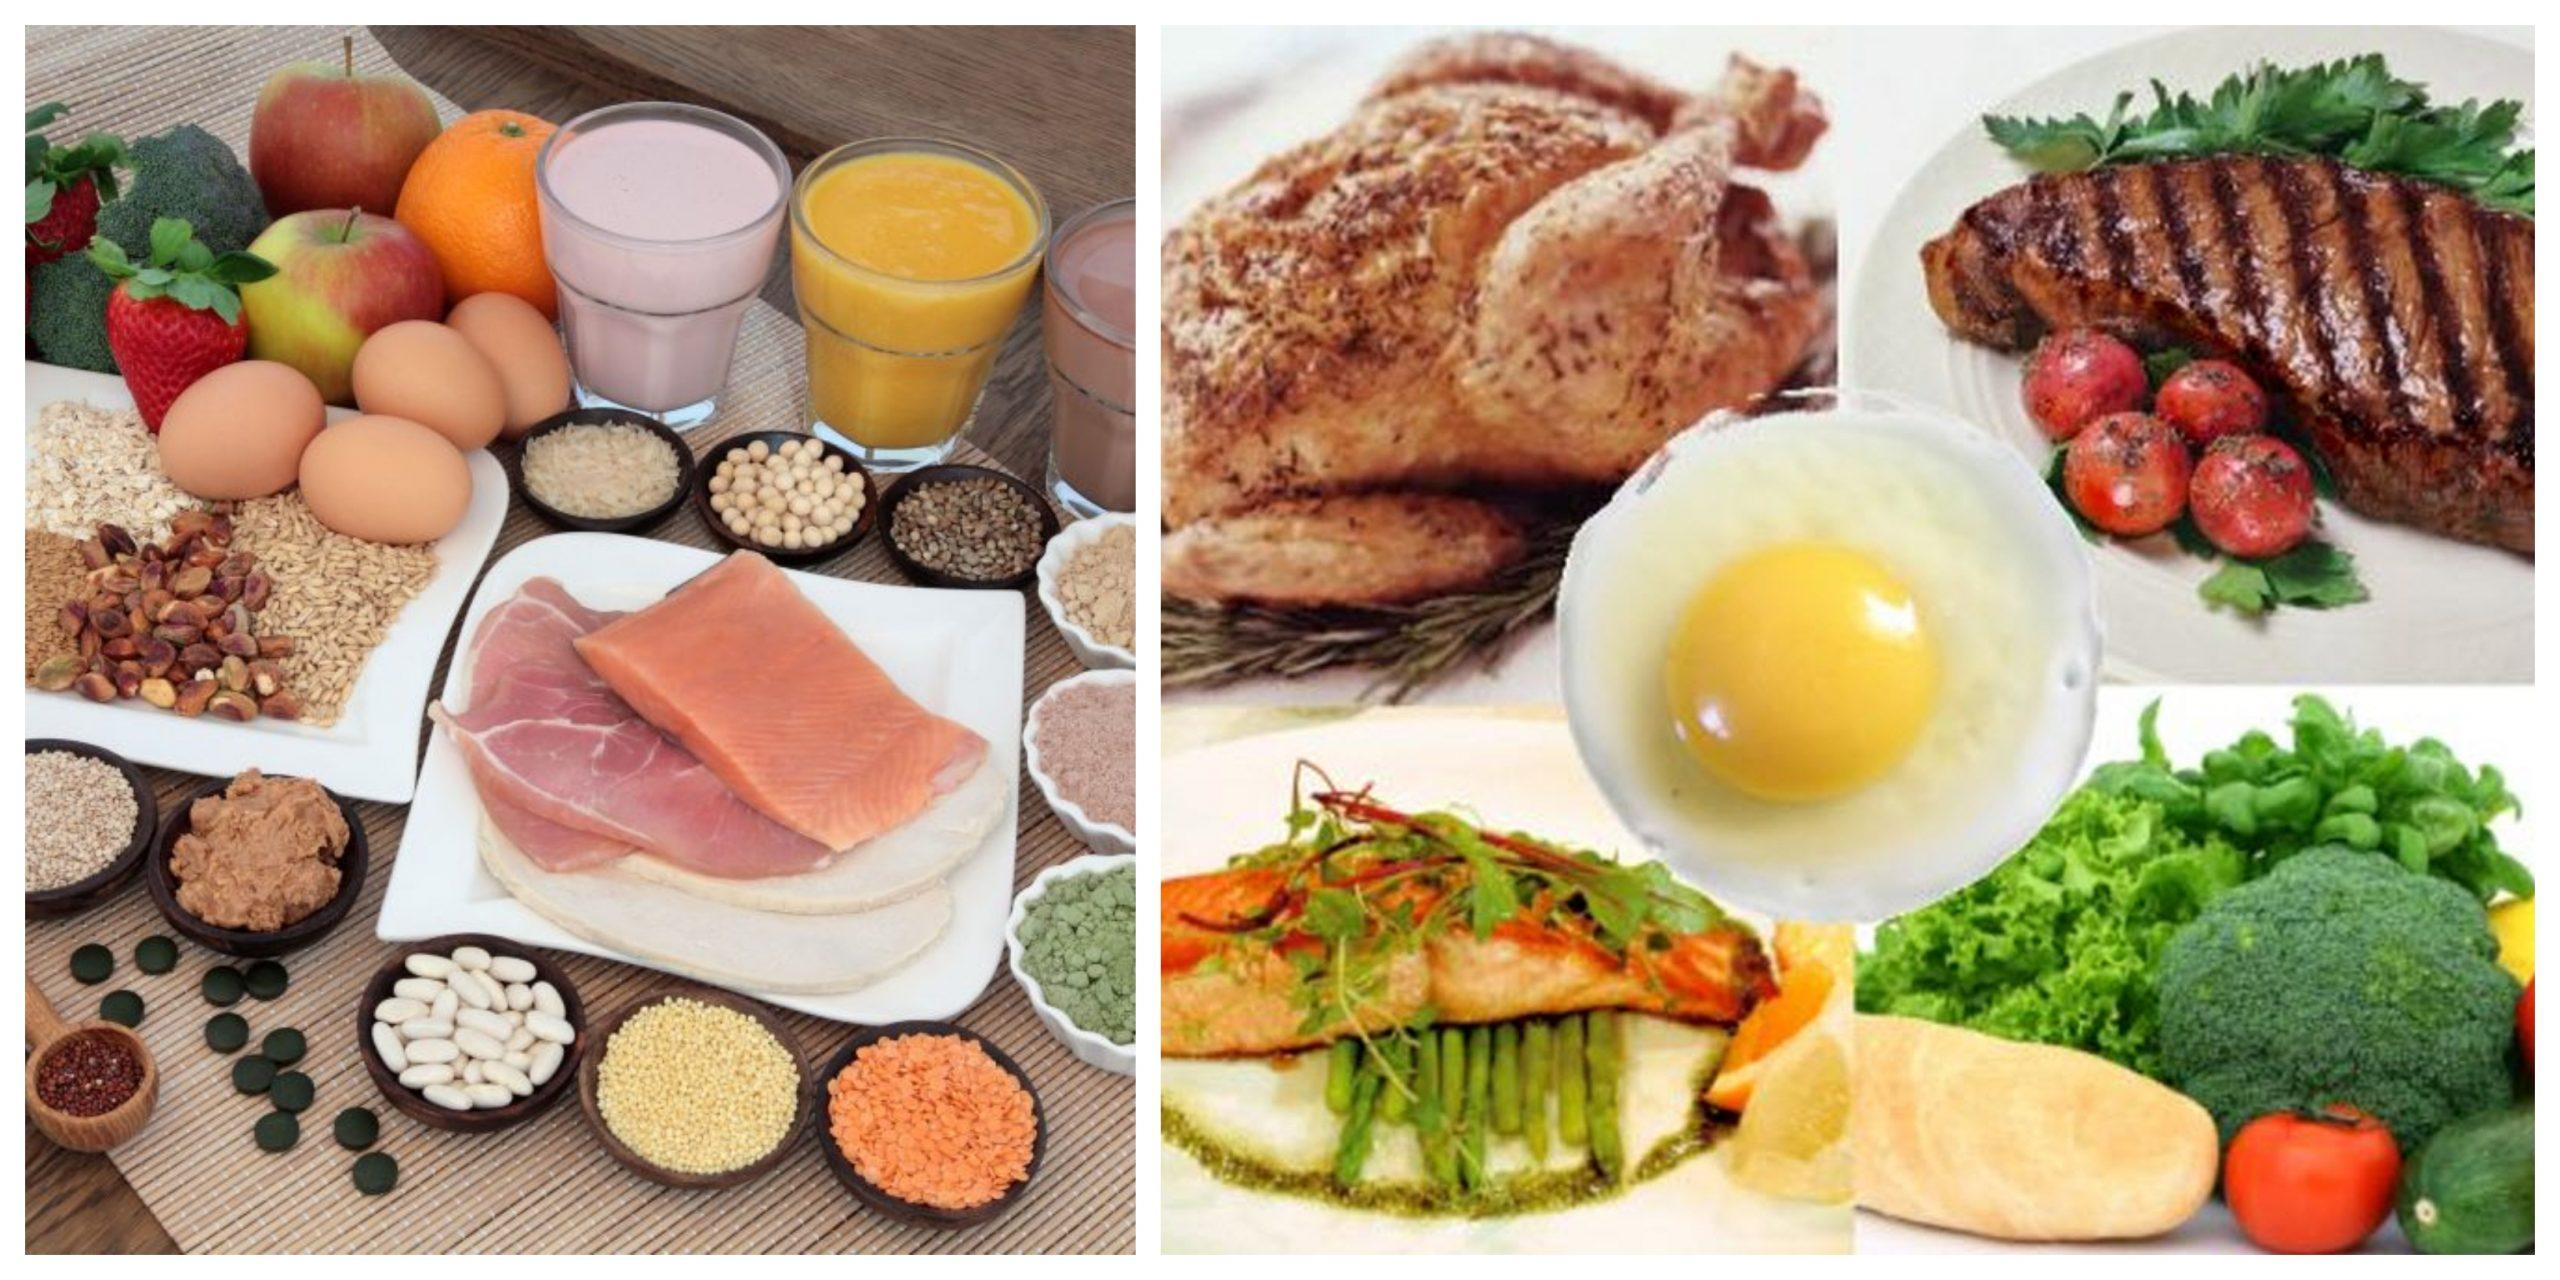 أطعمة غنية بالكيراتين – سلاح ضد الشيخوخة